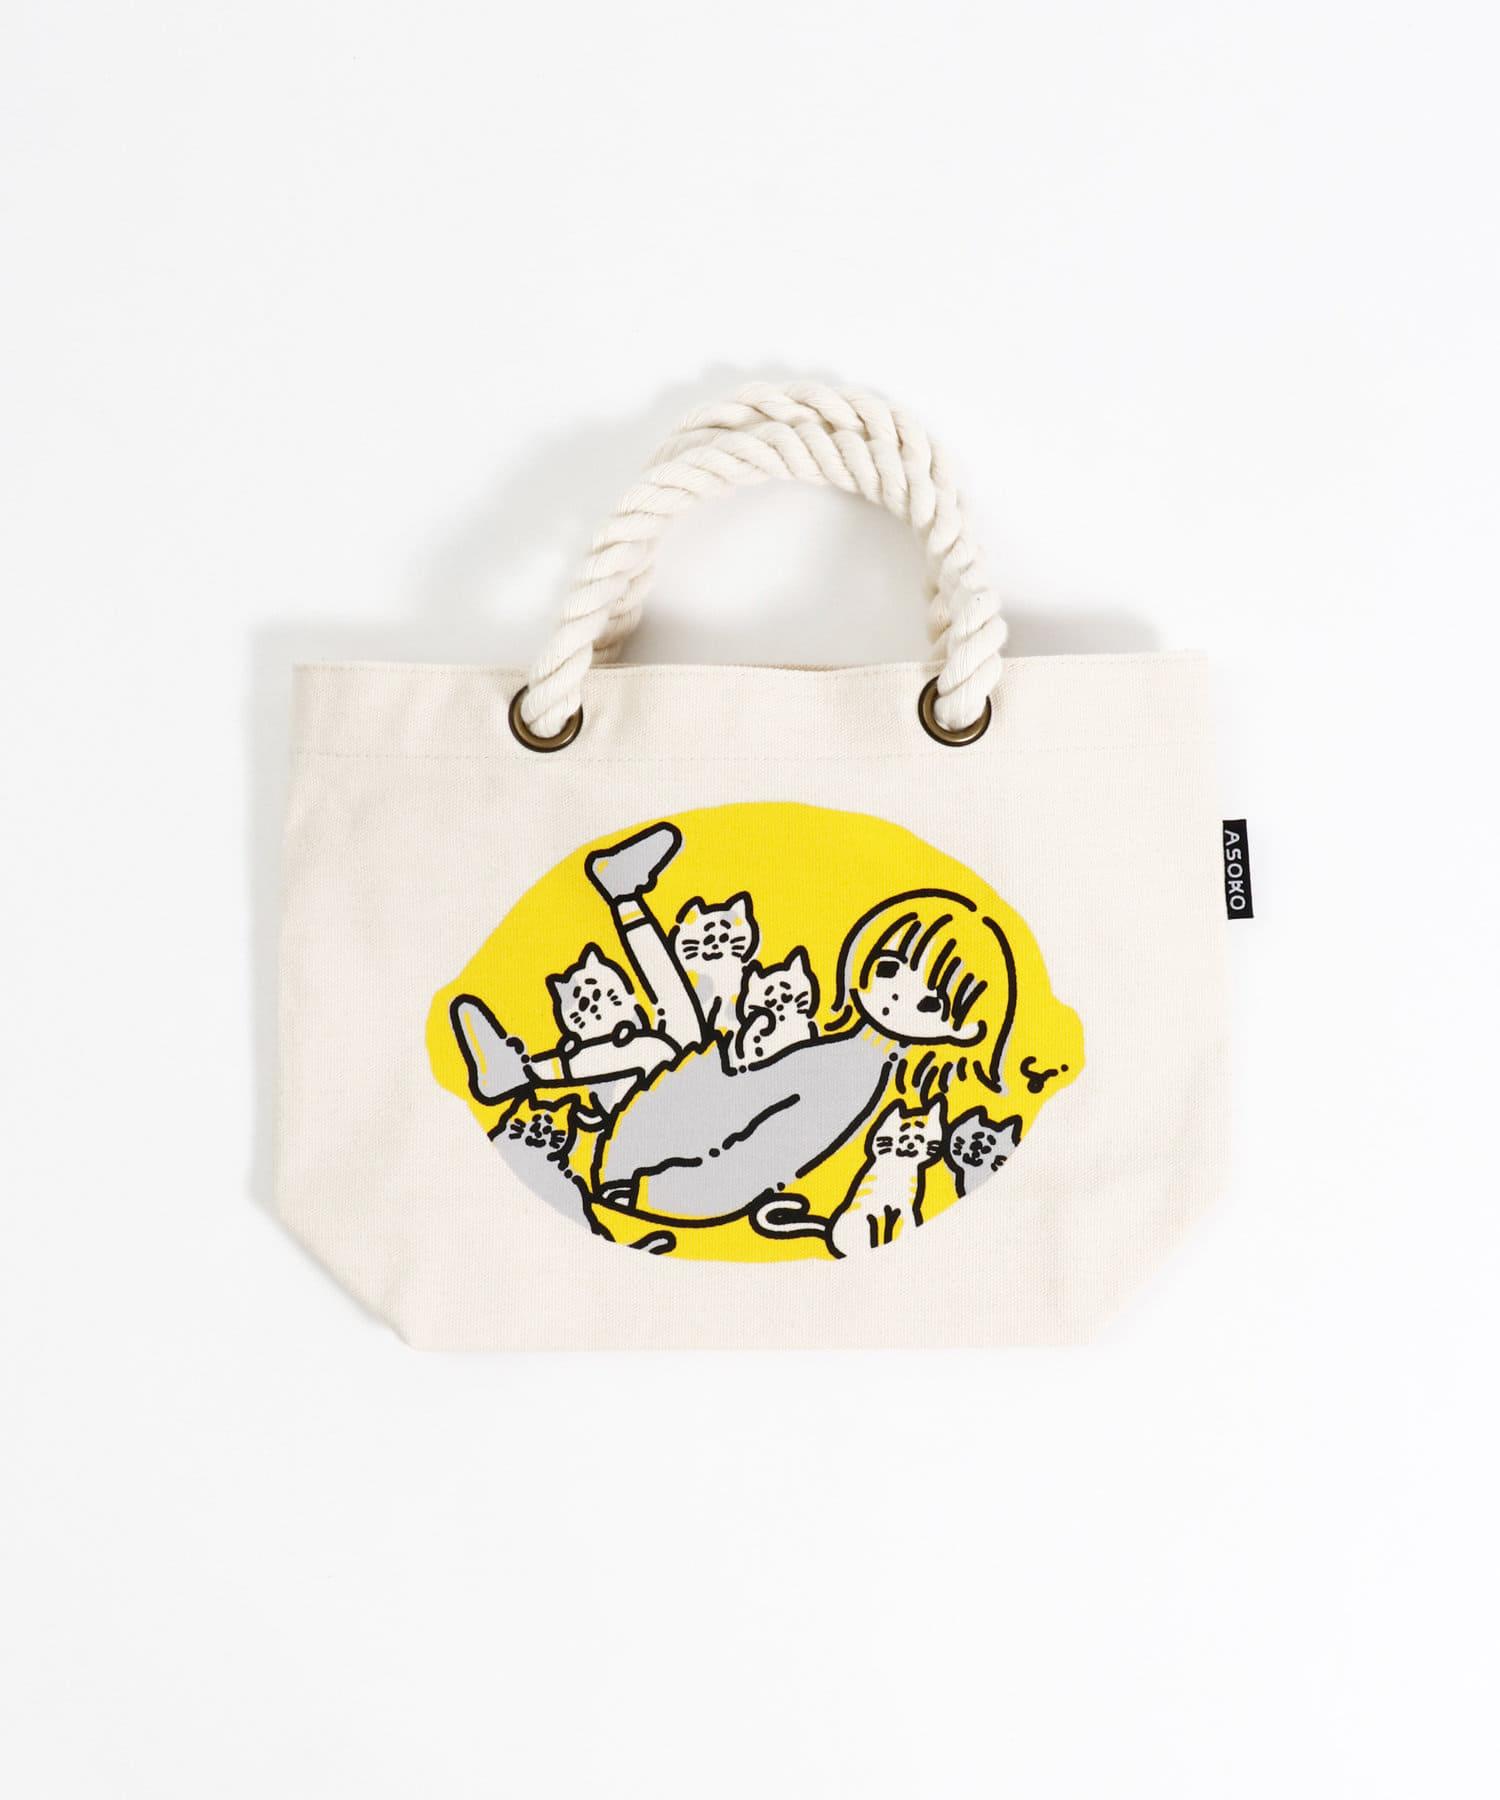 3COINS(スリーコインズ) 【ASOKO】【ASOKO de ART】ミニトートバッグ